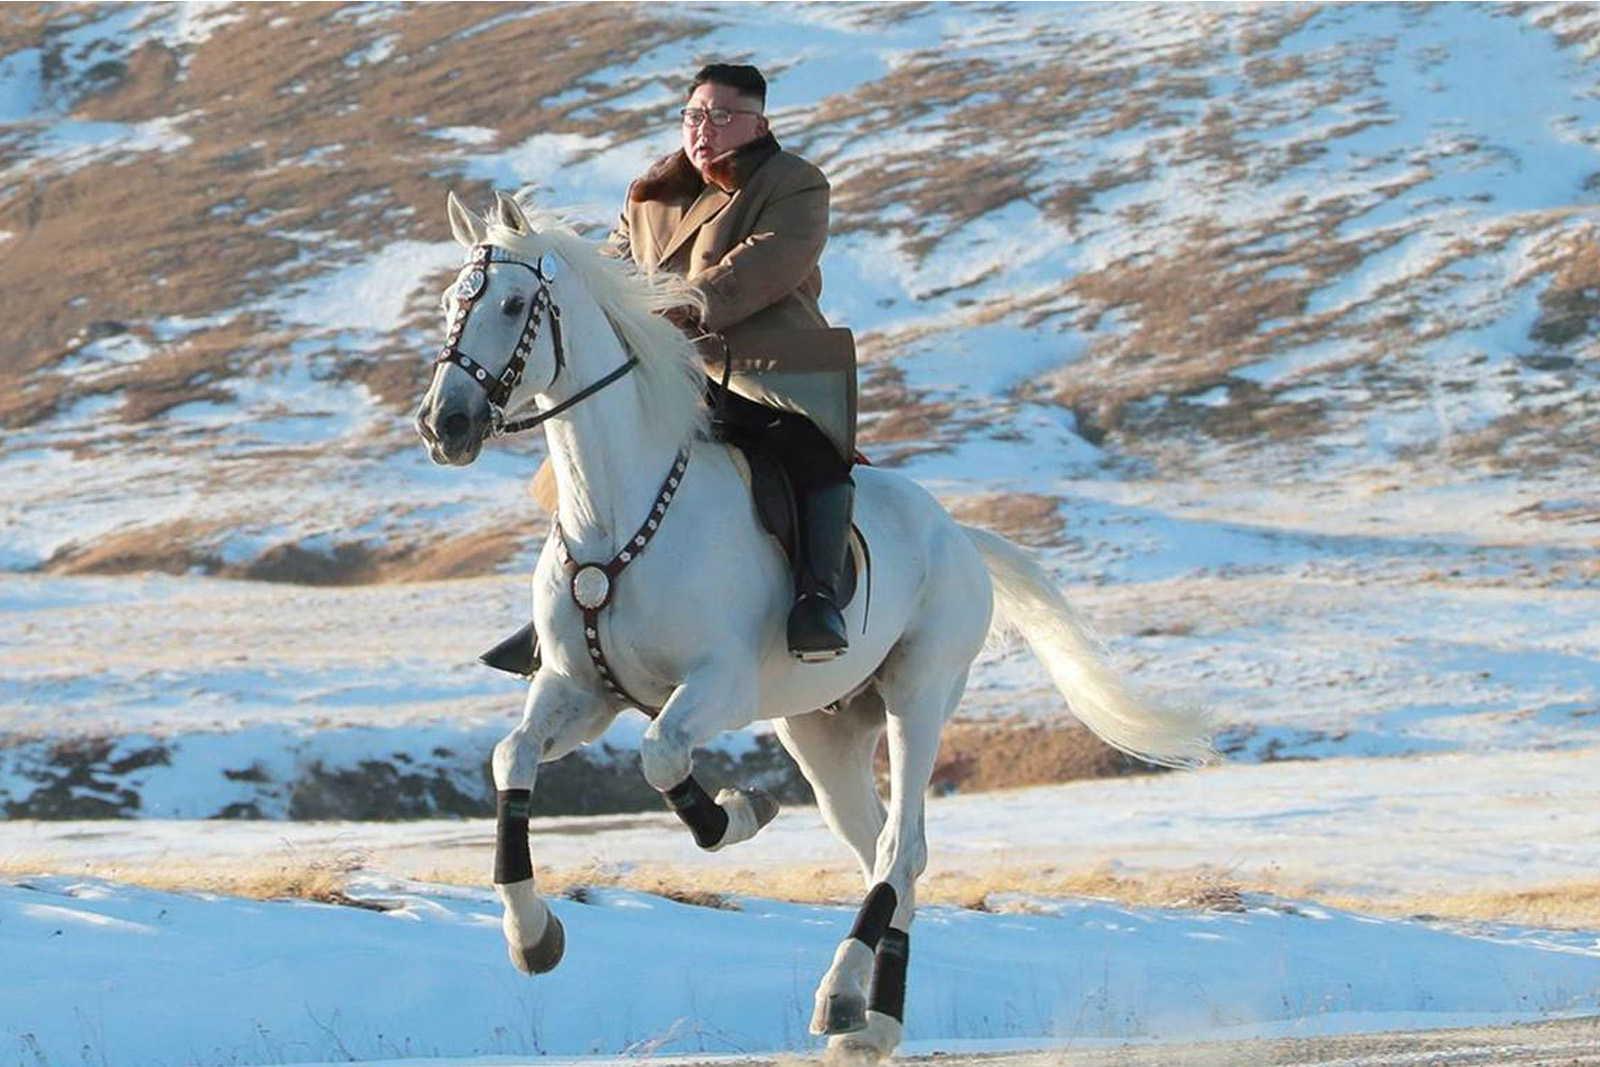 金正恩騎白馬,是想要表達什麼?